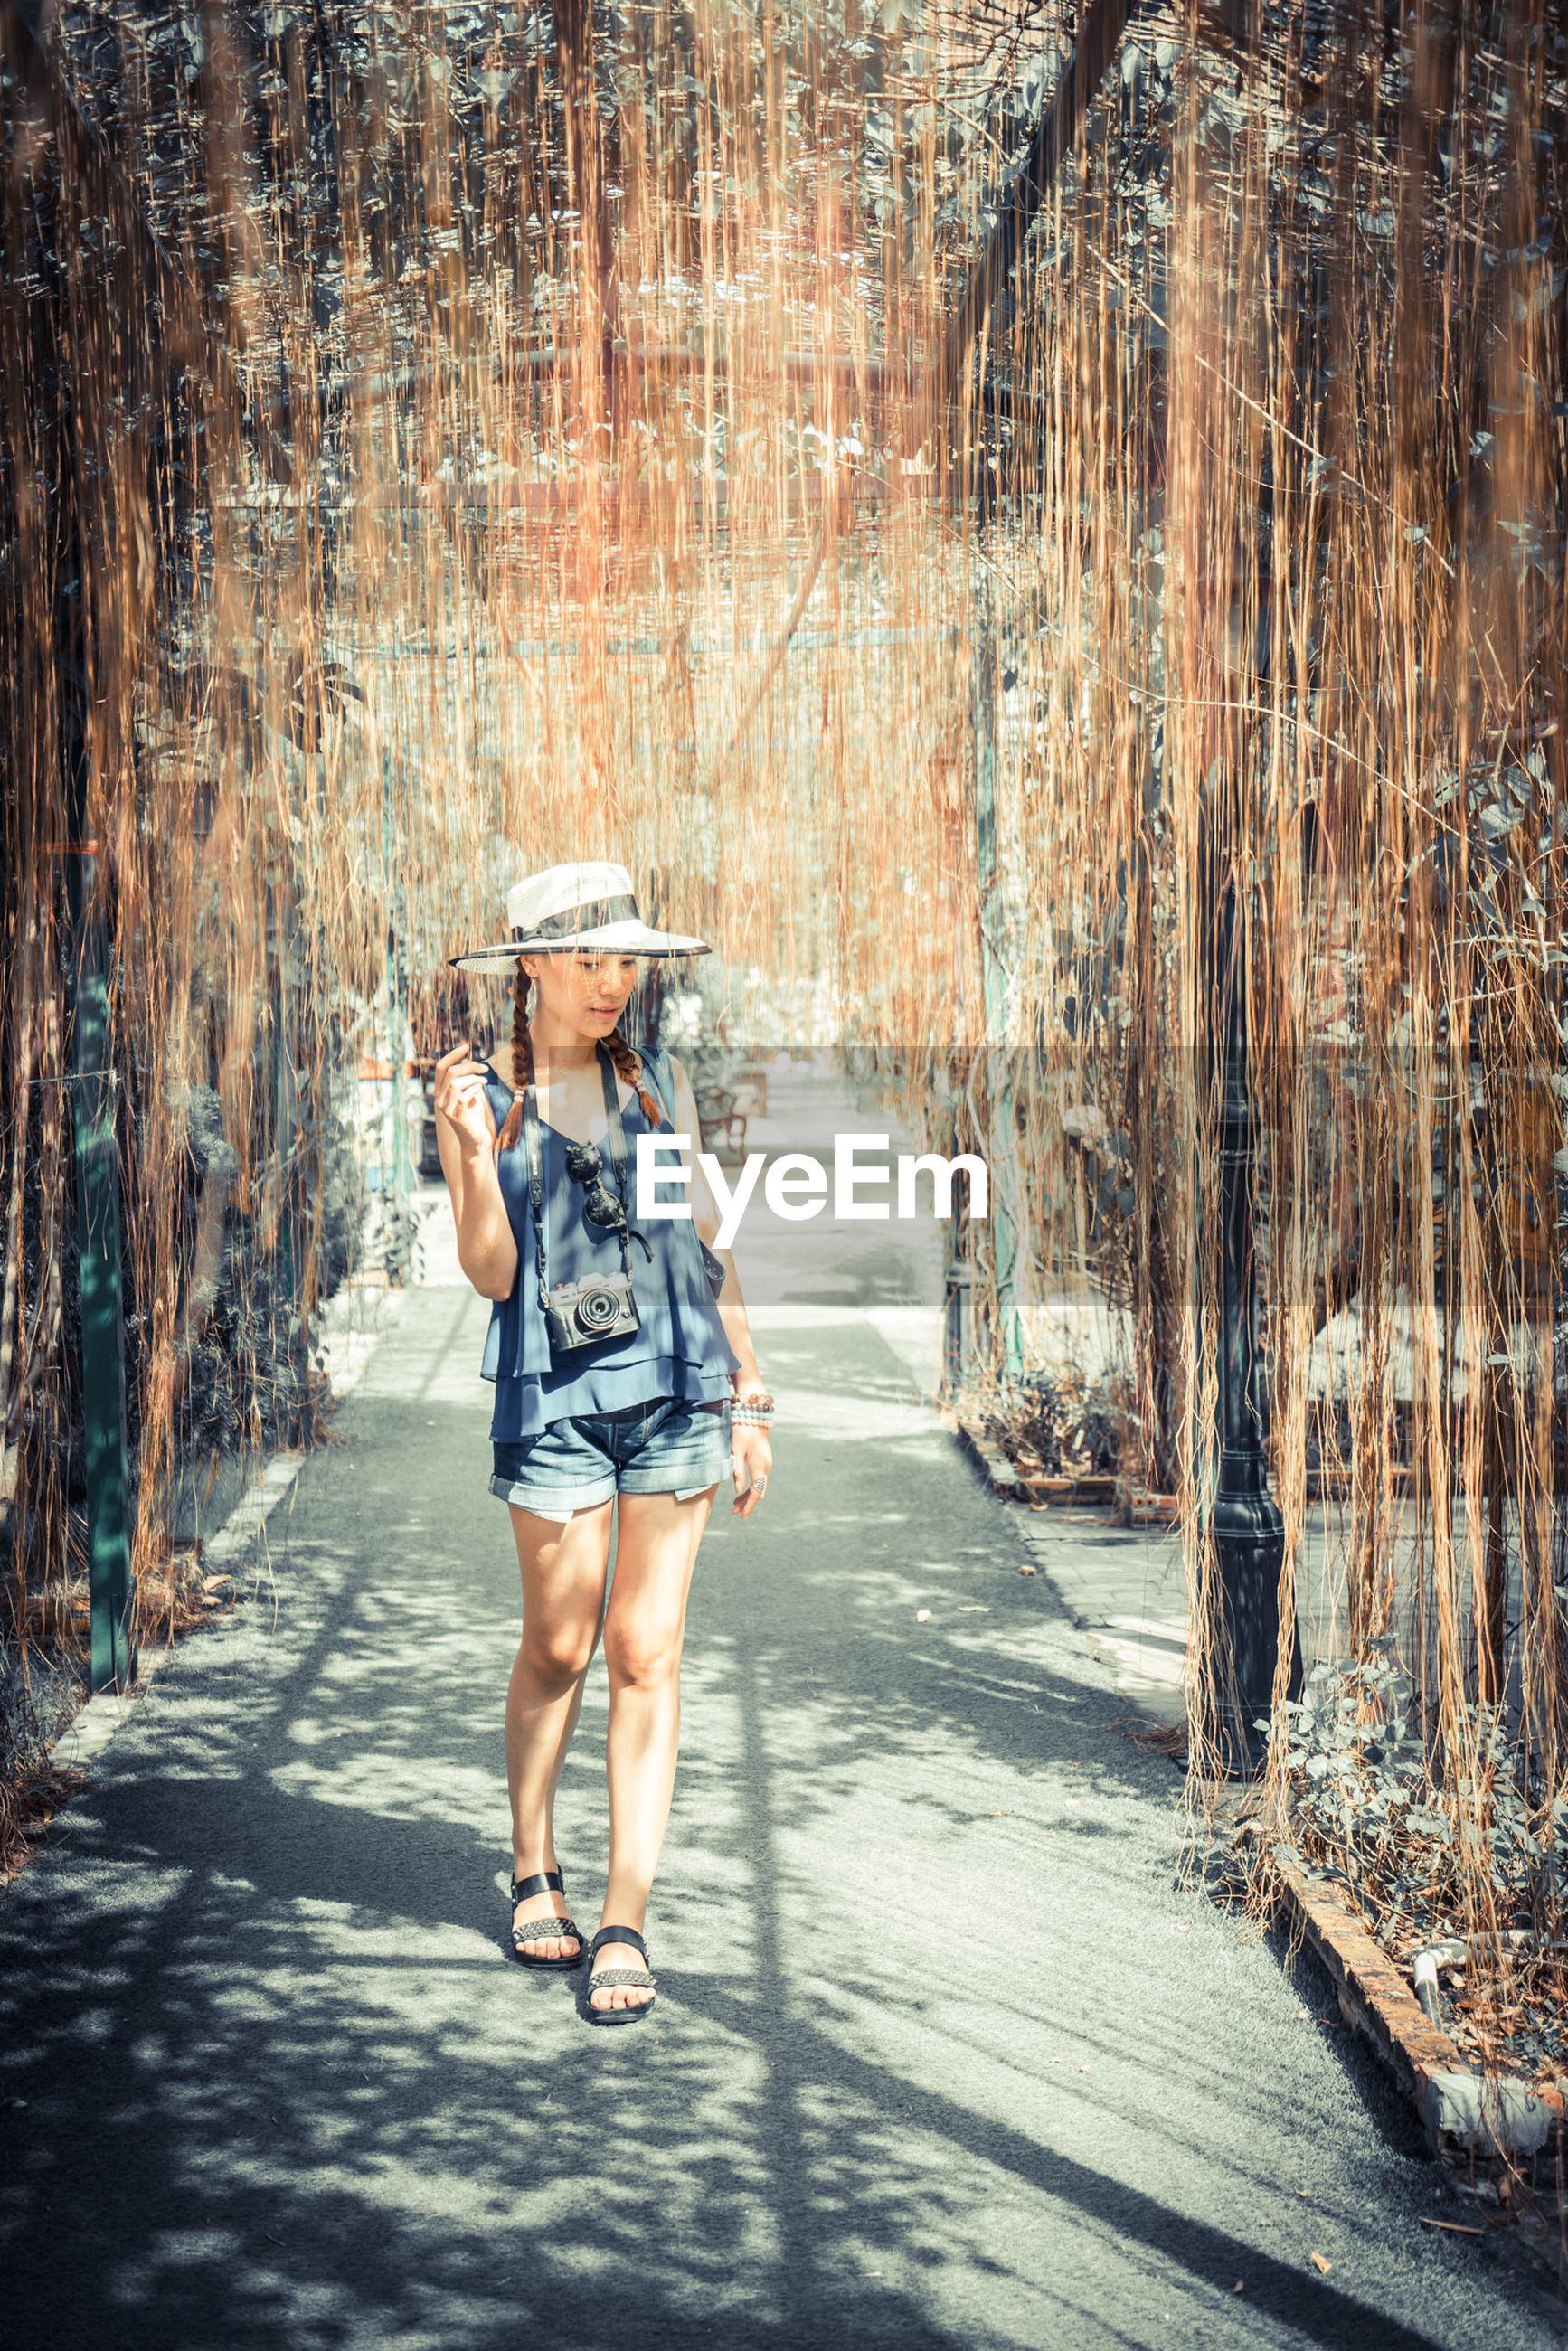 Woman walking on walkway amidst dry vines